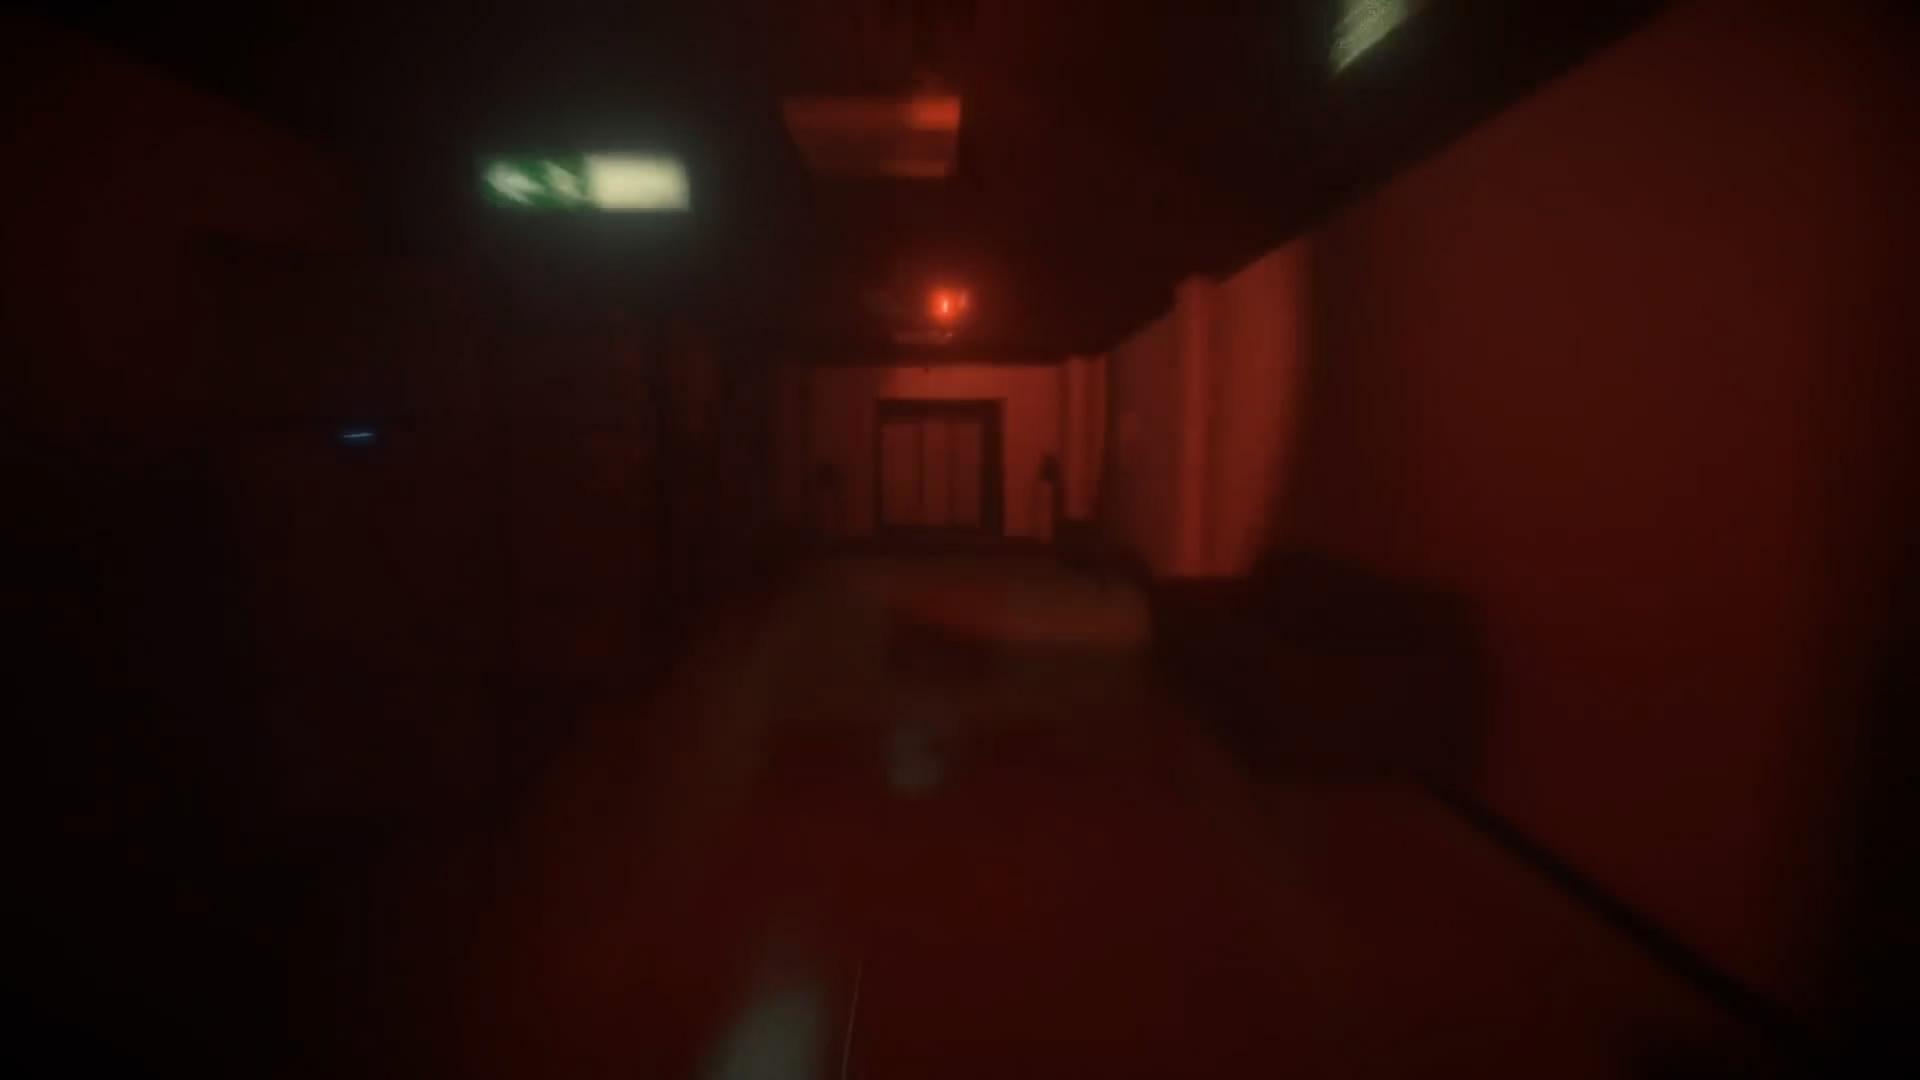 恐怖游戏《遗留之人》新预告 黑暗压抑让人不寒而栗